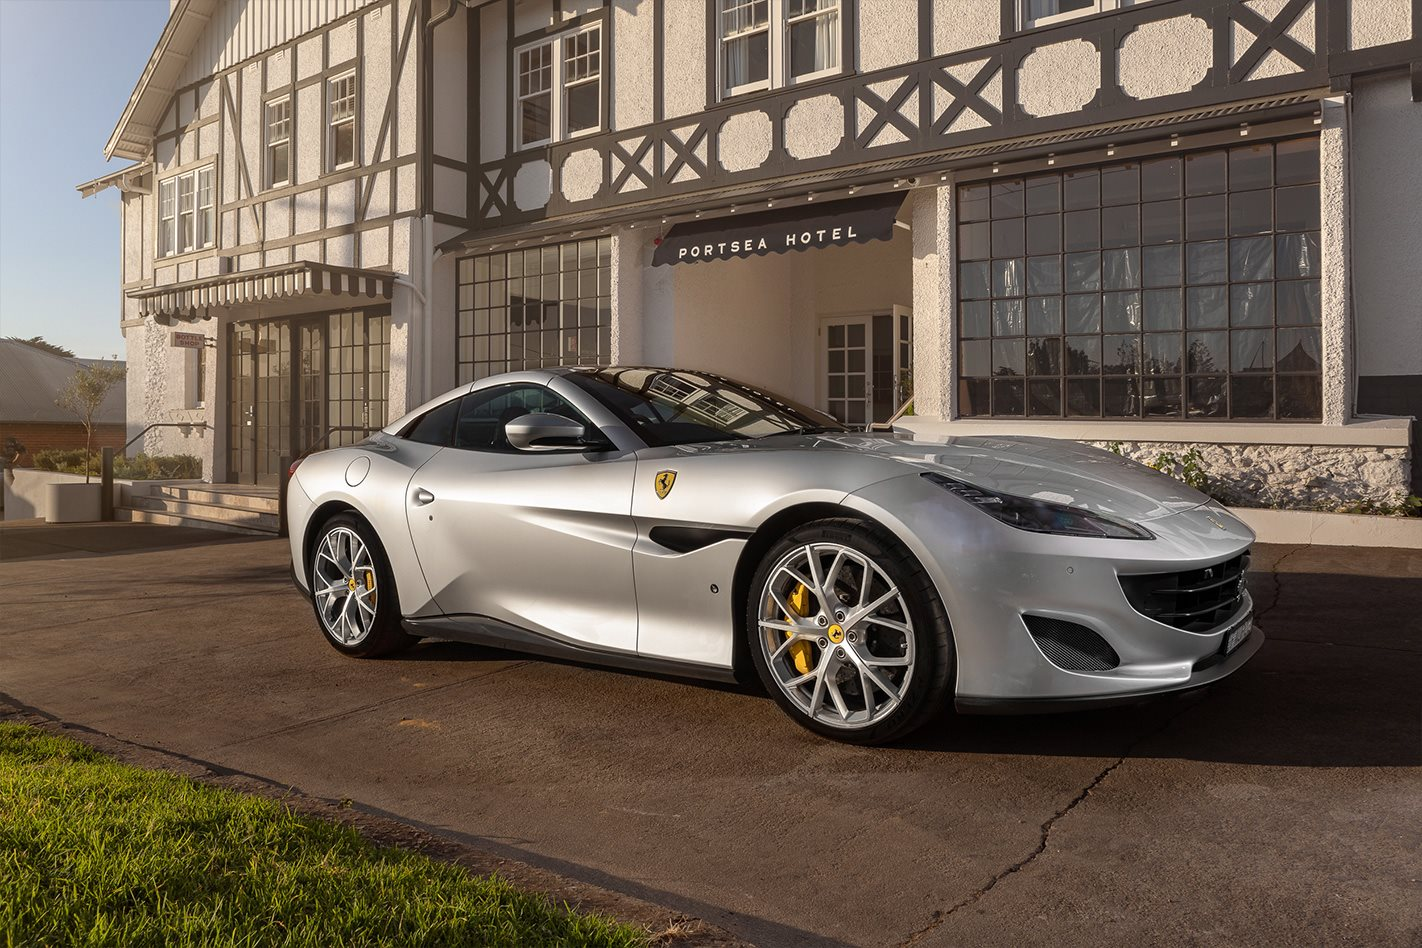 2019 Ferrari Portofino Image Gallery